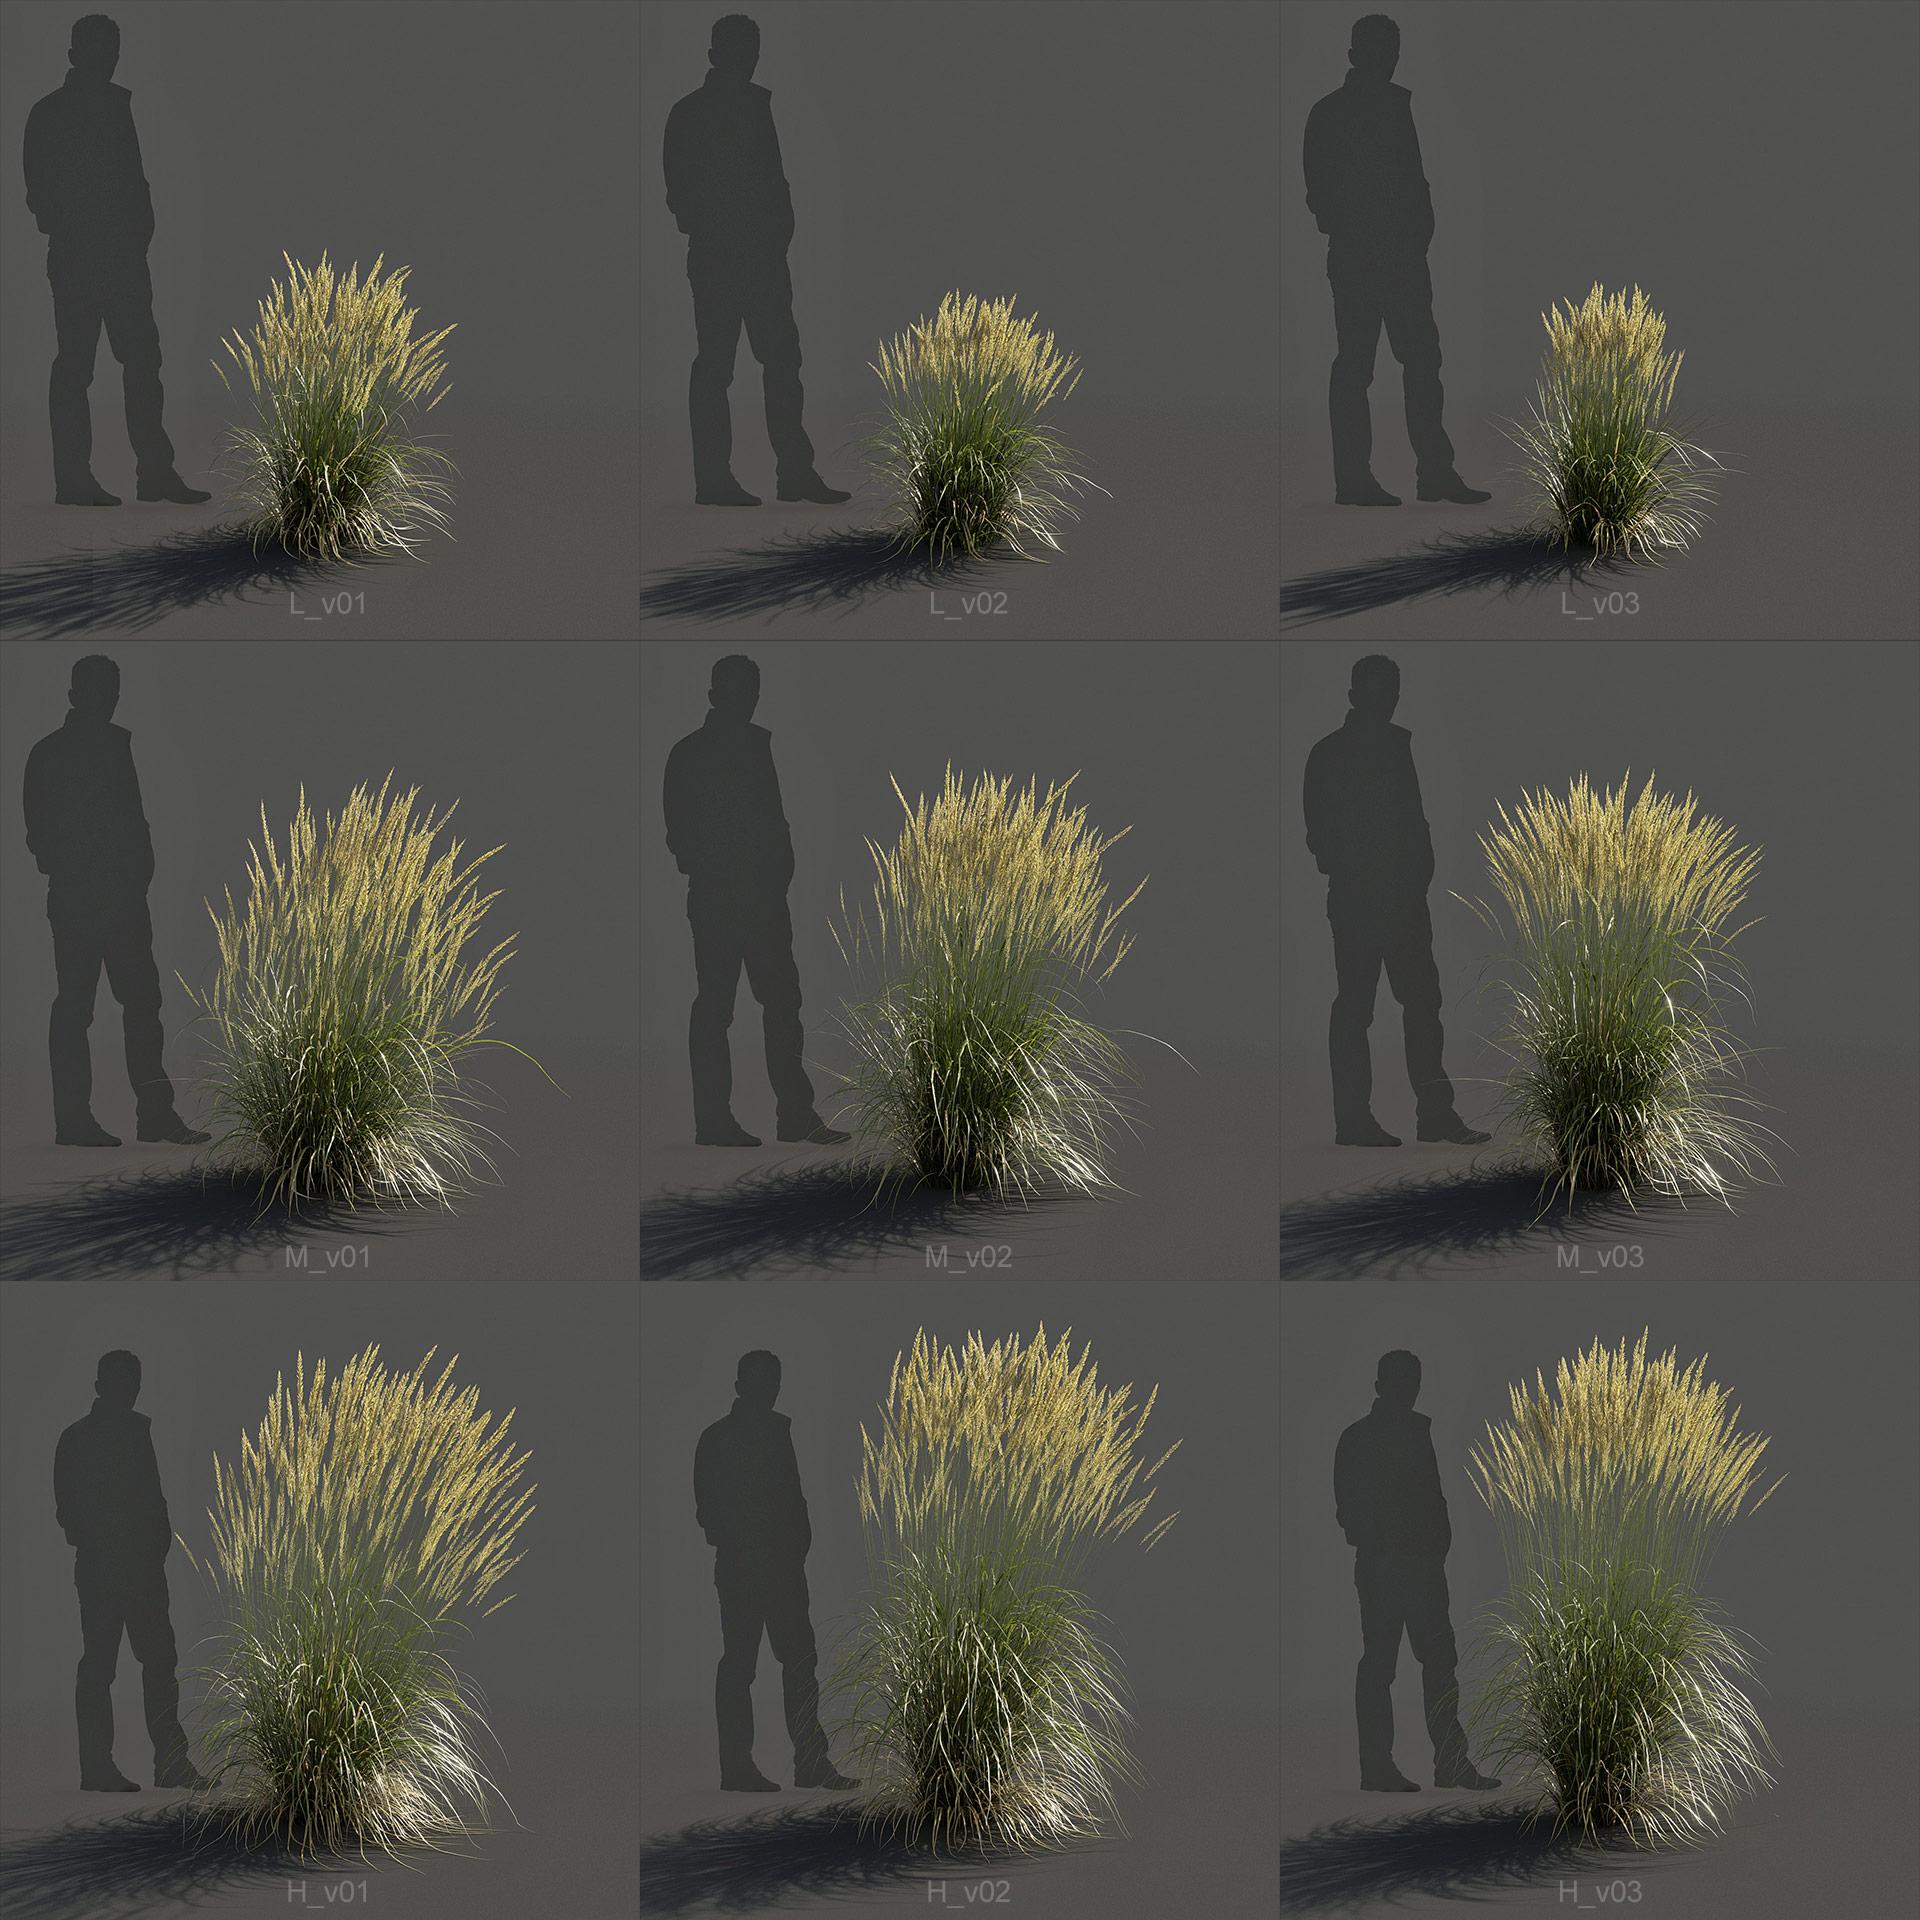 Feather Reed Grass 3D model renders -  'Karl Foerster' - Calamagrostis acutiflora